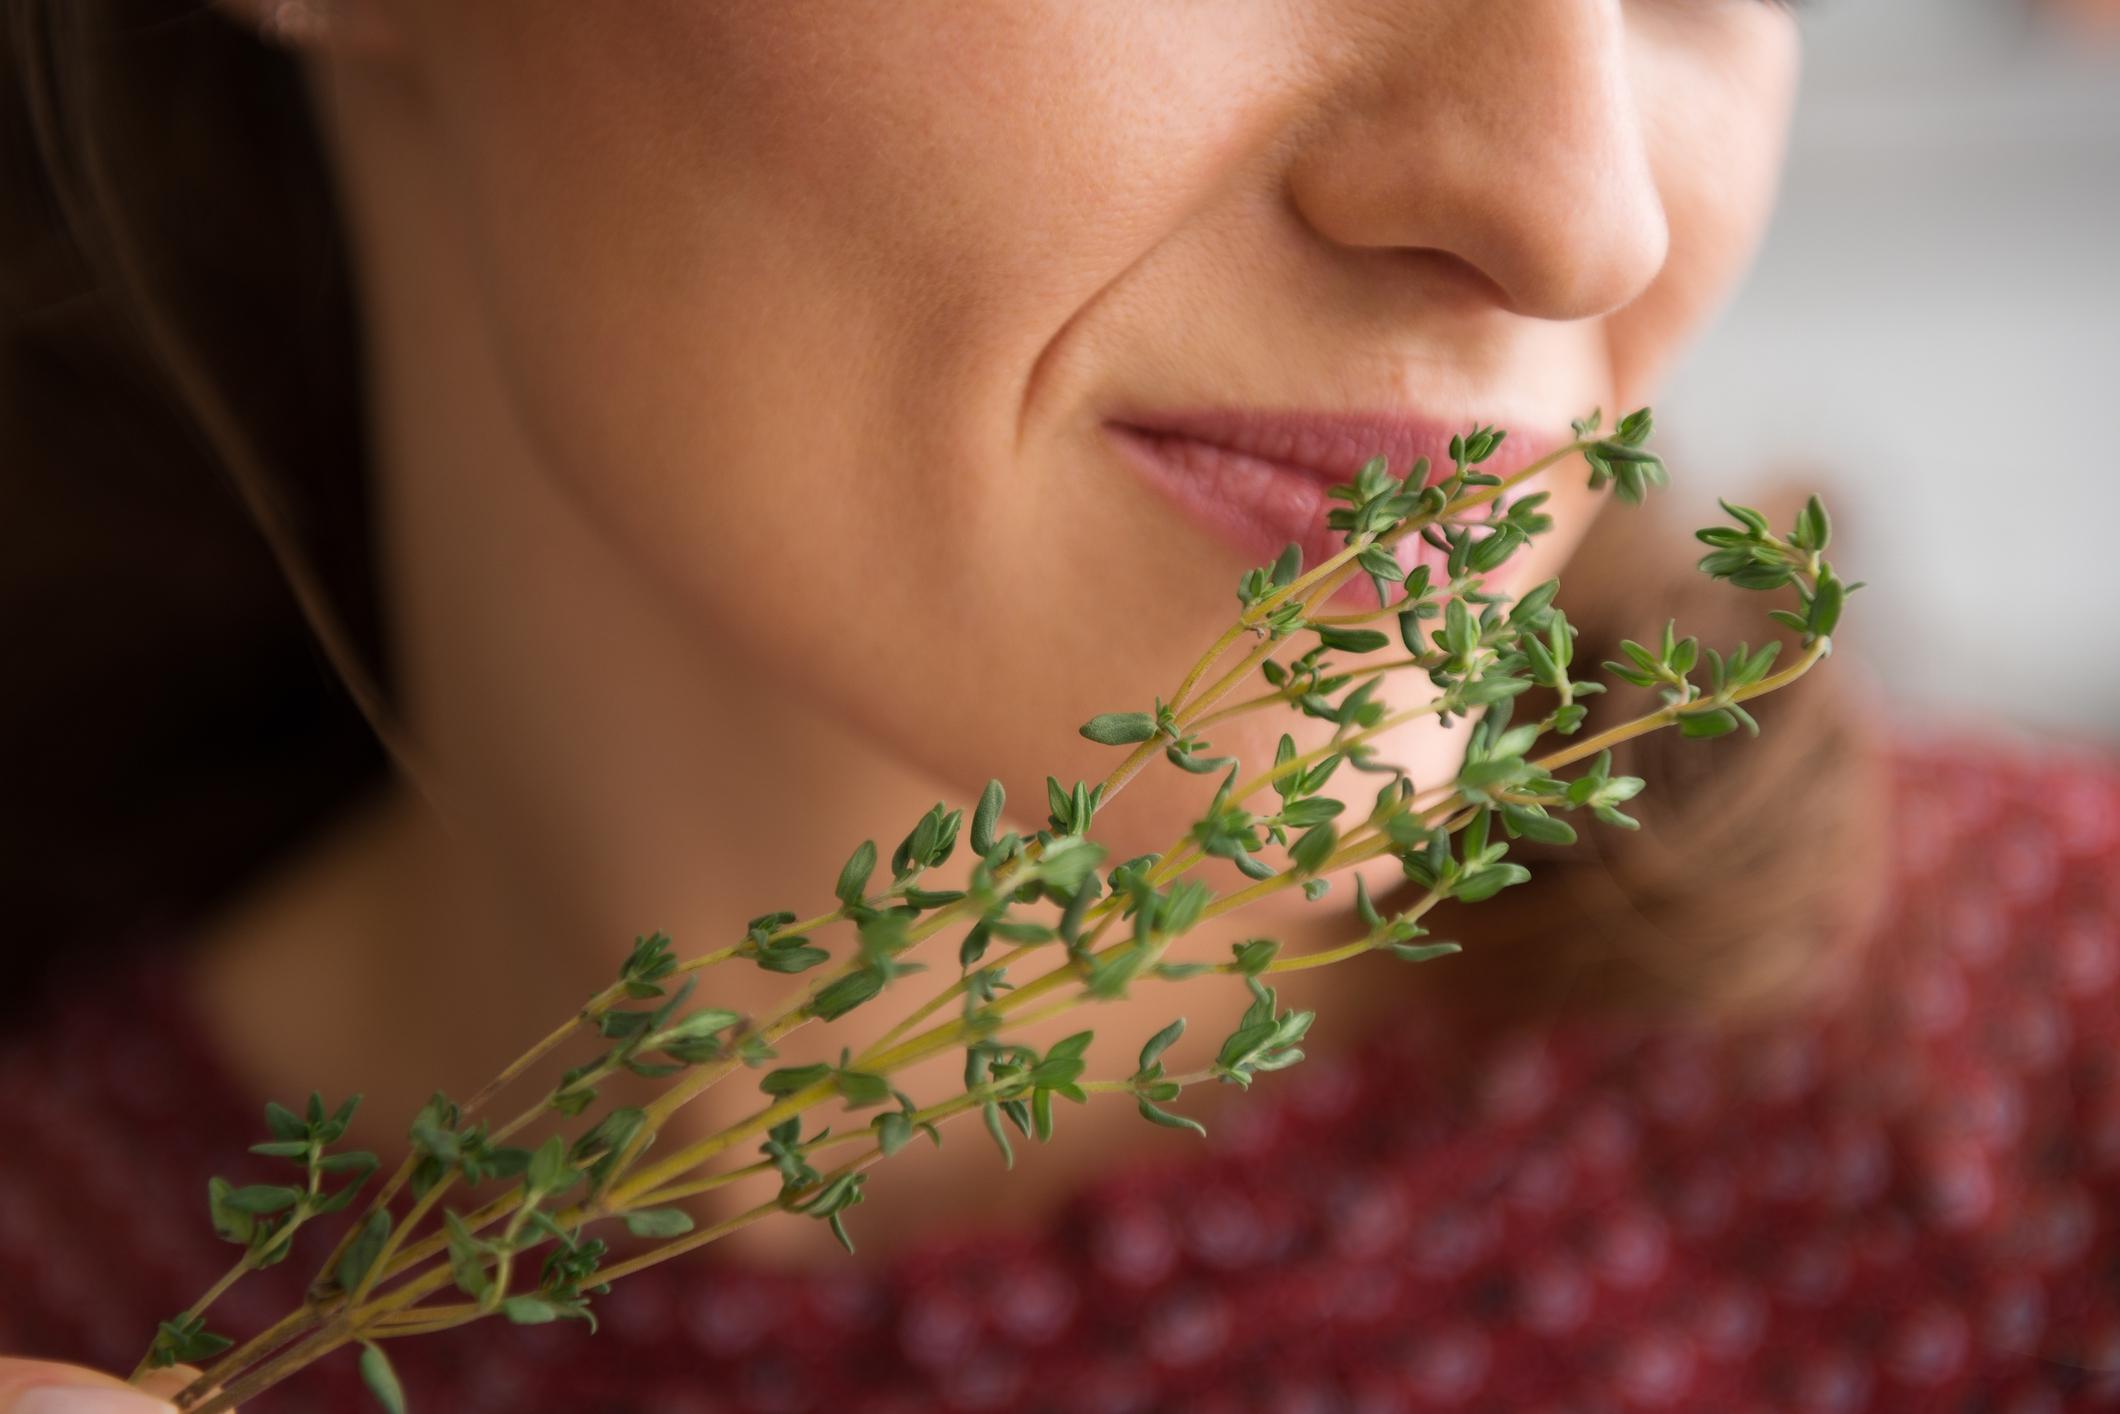 Sapevi che il timo libera il naso chiuso e allontana raffreddore e mal di gola in meno di 1 minuto?